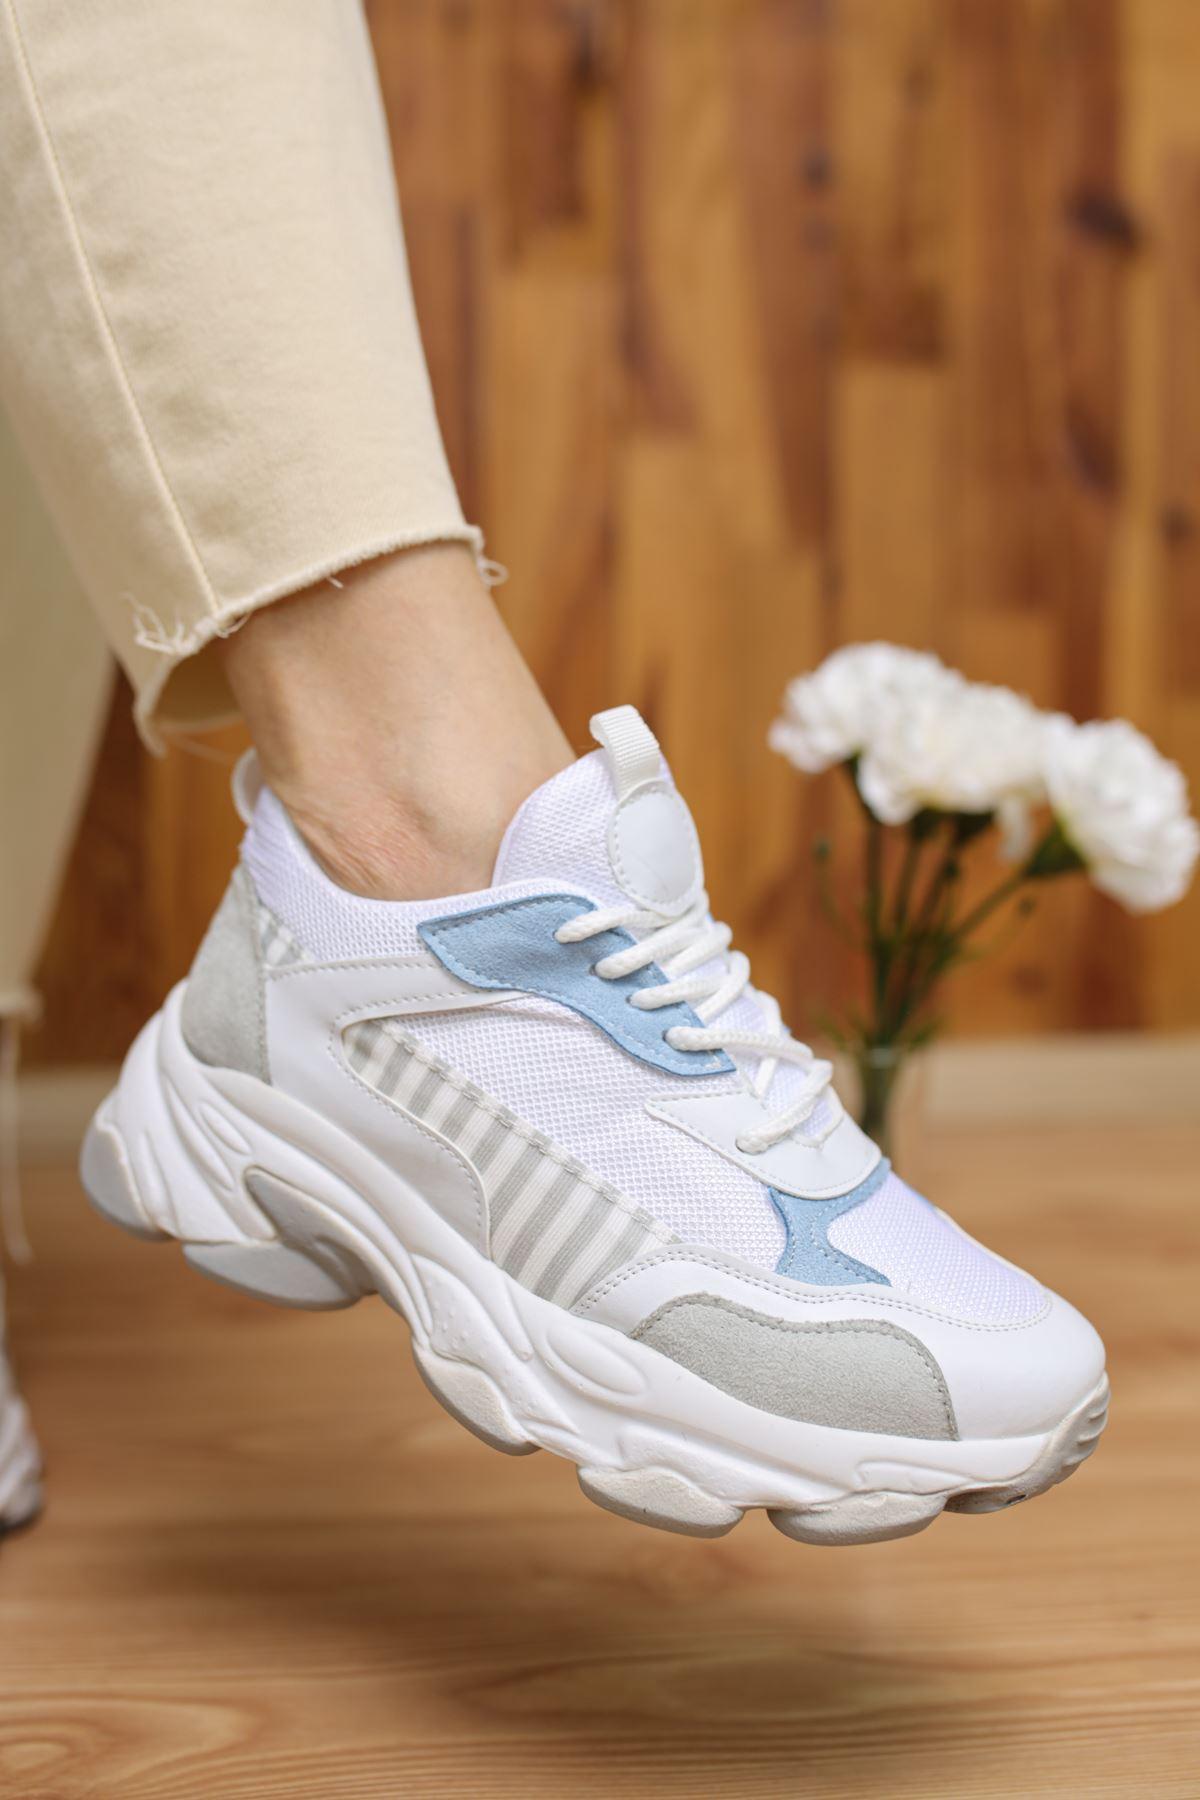 Oscar Kadın Spor Ayakkabı